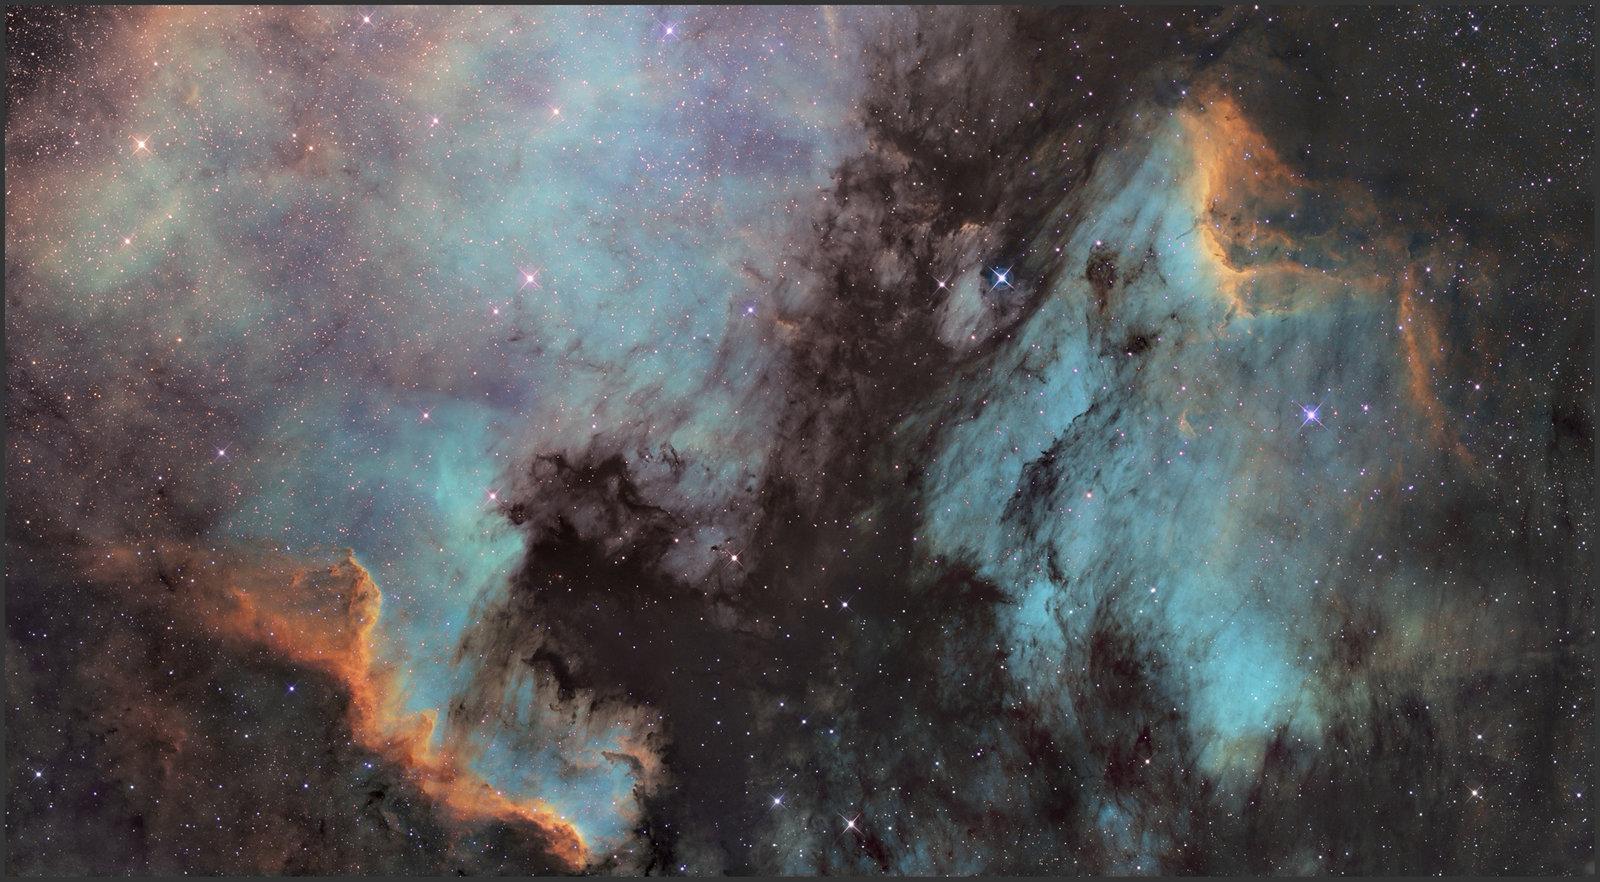 NGC7000pelikan3r_ostrzenie.thumb.jpg.4f352f113b9f0ae3955830285e850de0.jpg